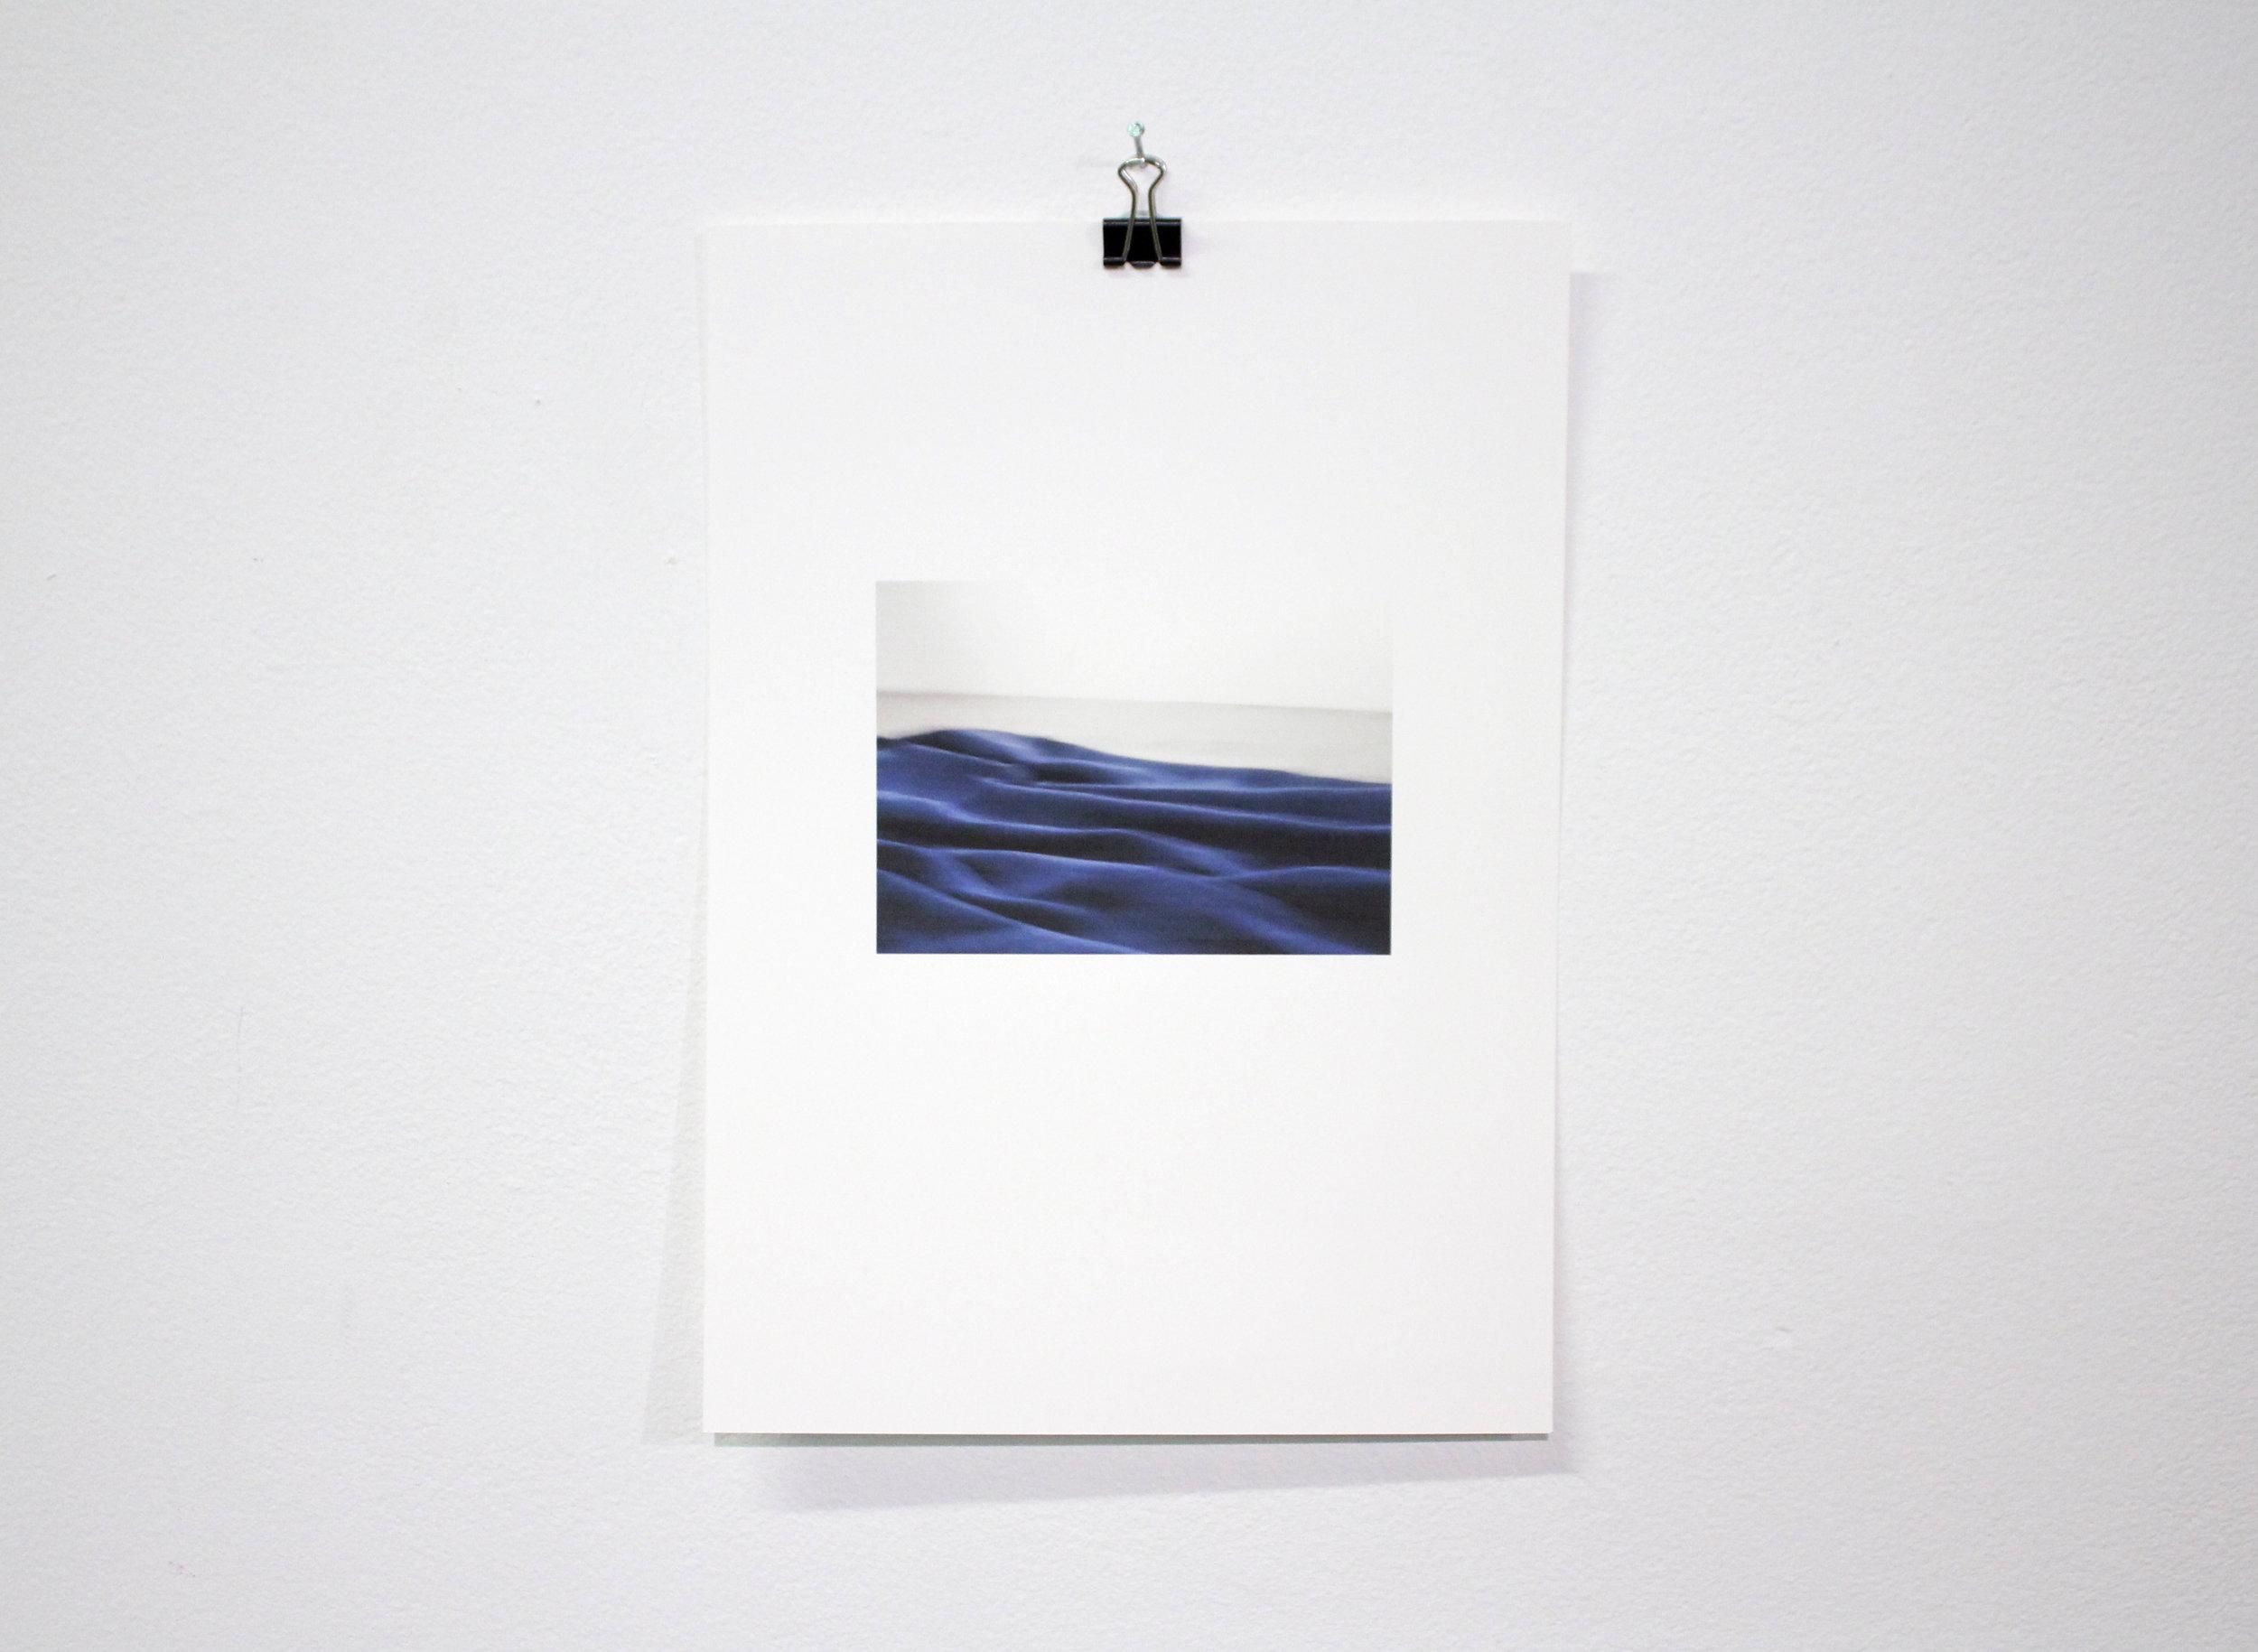 Päiväpeitto gallerian lattialla  2017  valokuvatuloste